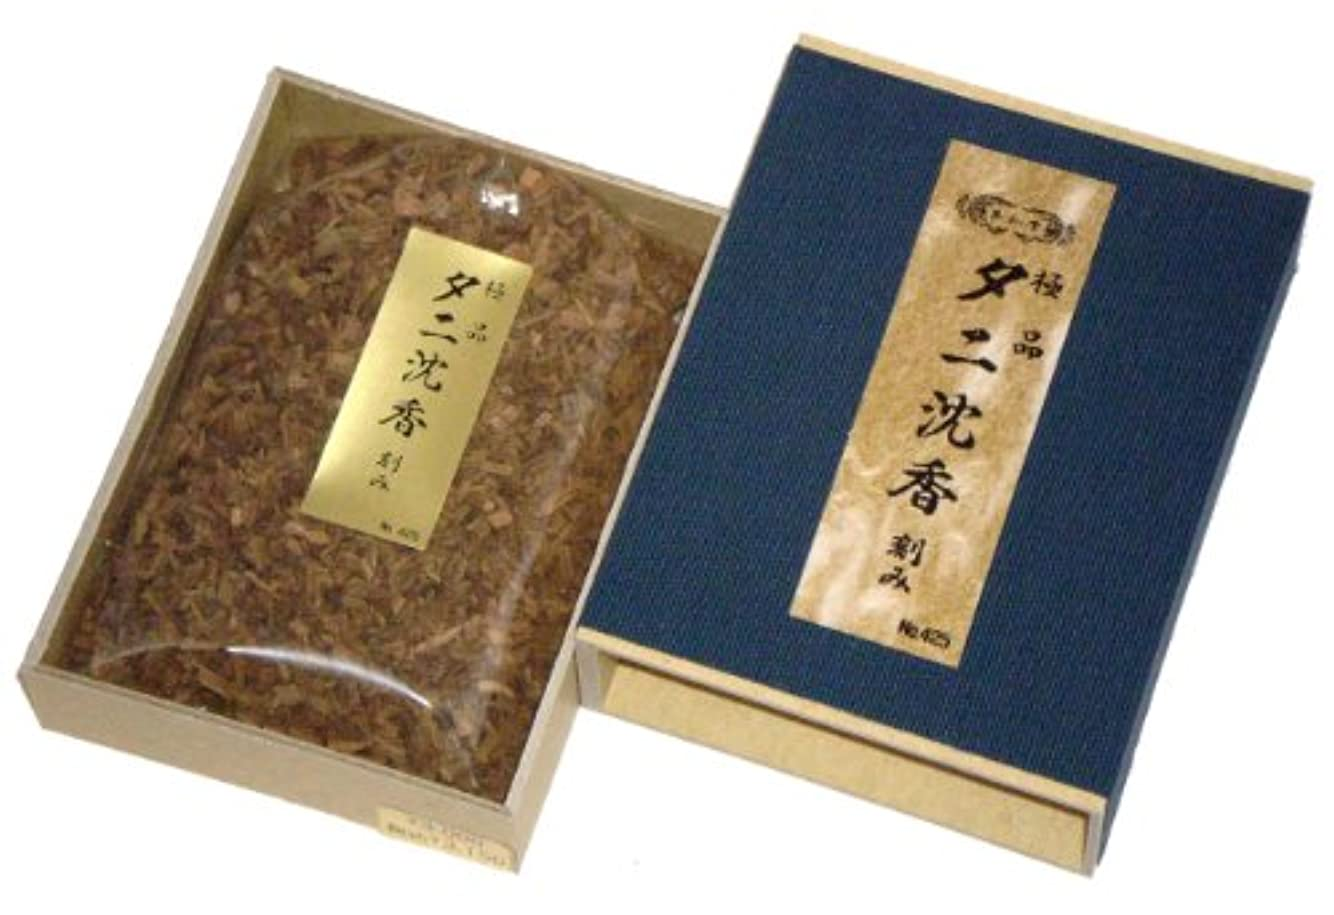 連続的たとえ雨の玉初堂のお香 極品タニ沈香 刻み 化粧箱(布貼)入 #425